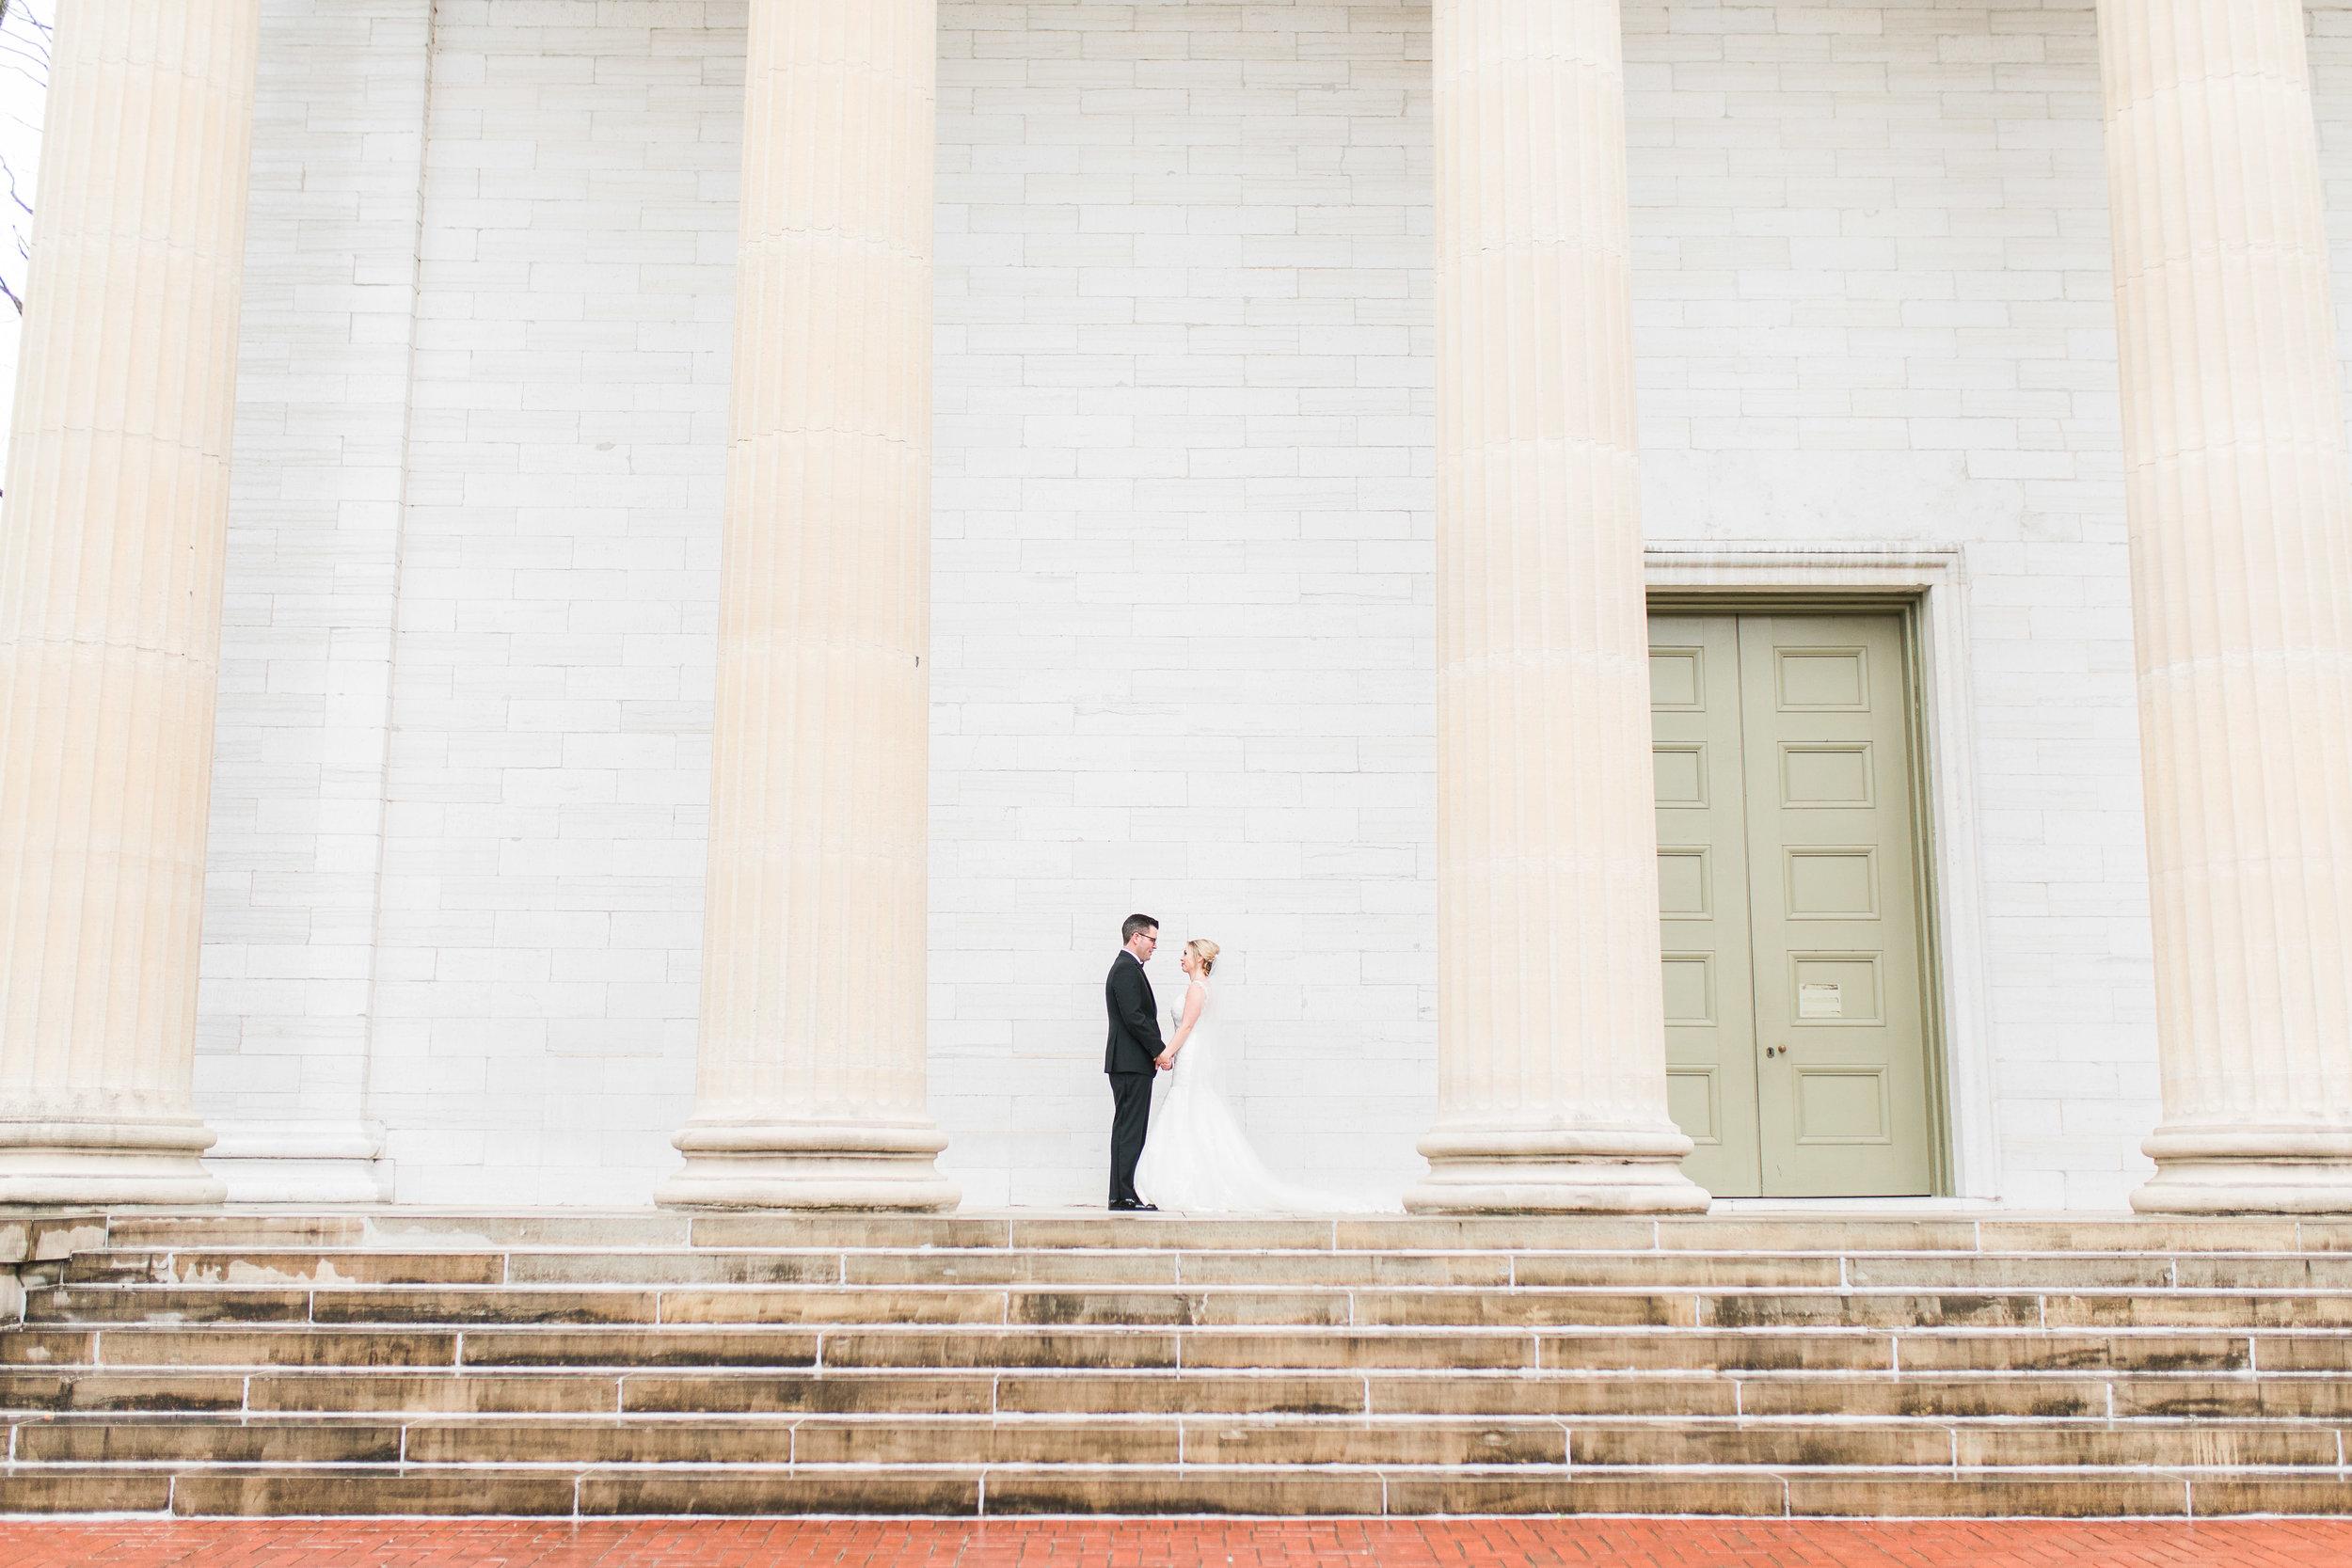 Kaitlin-Derek-Wedding-by-JBJ-Pictures  (128).jpg